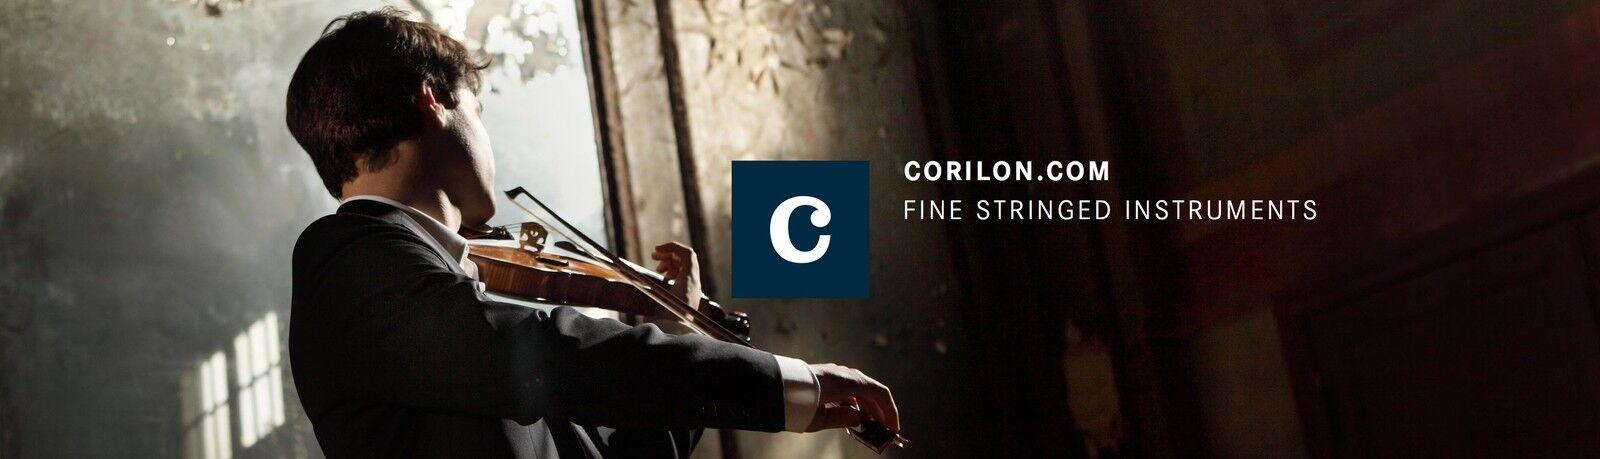 fine_string_instruments